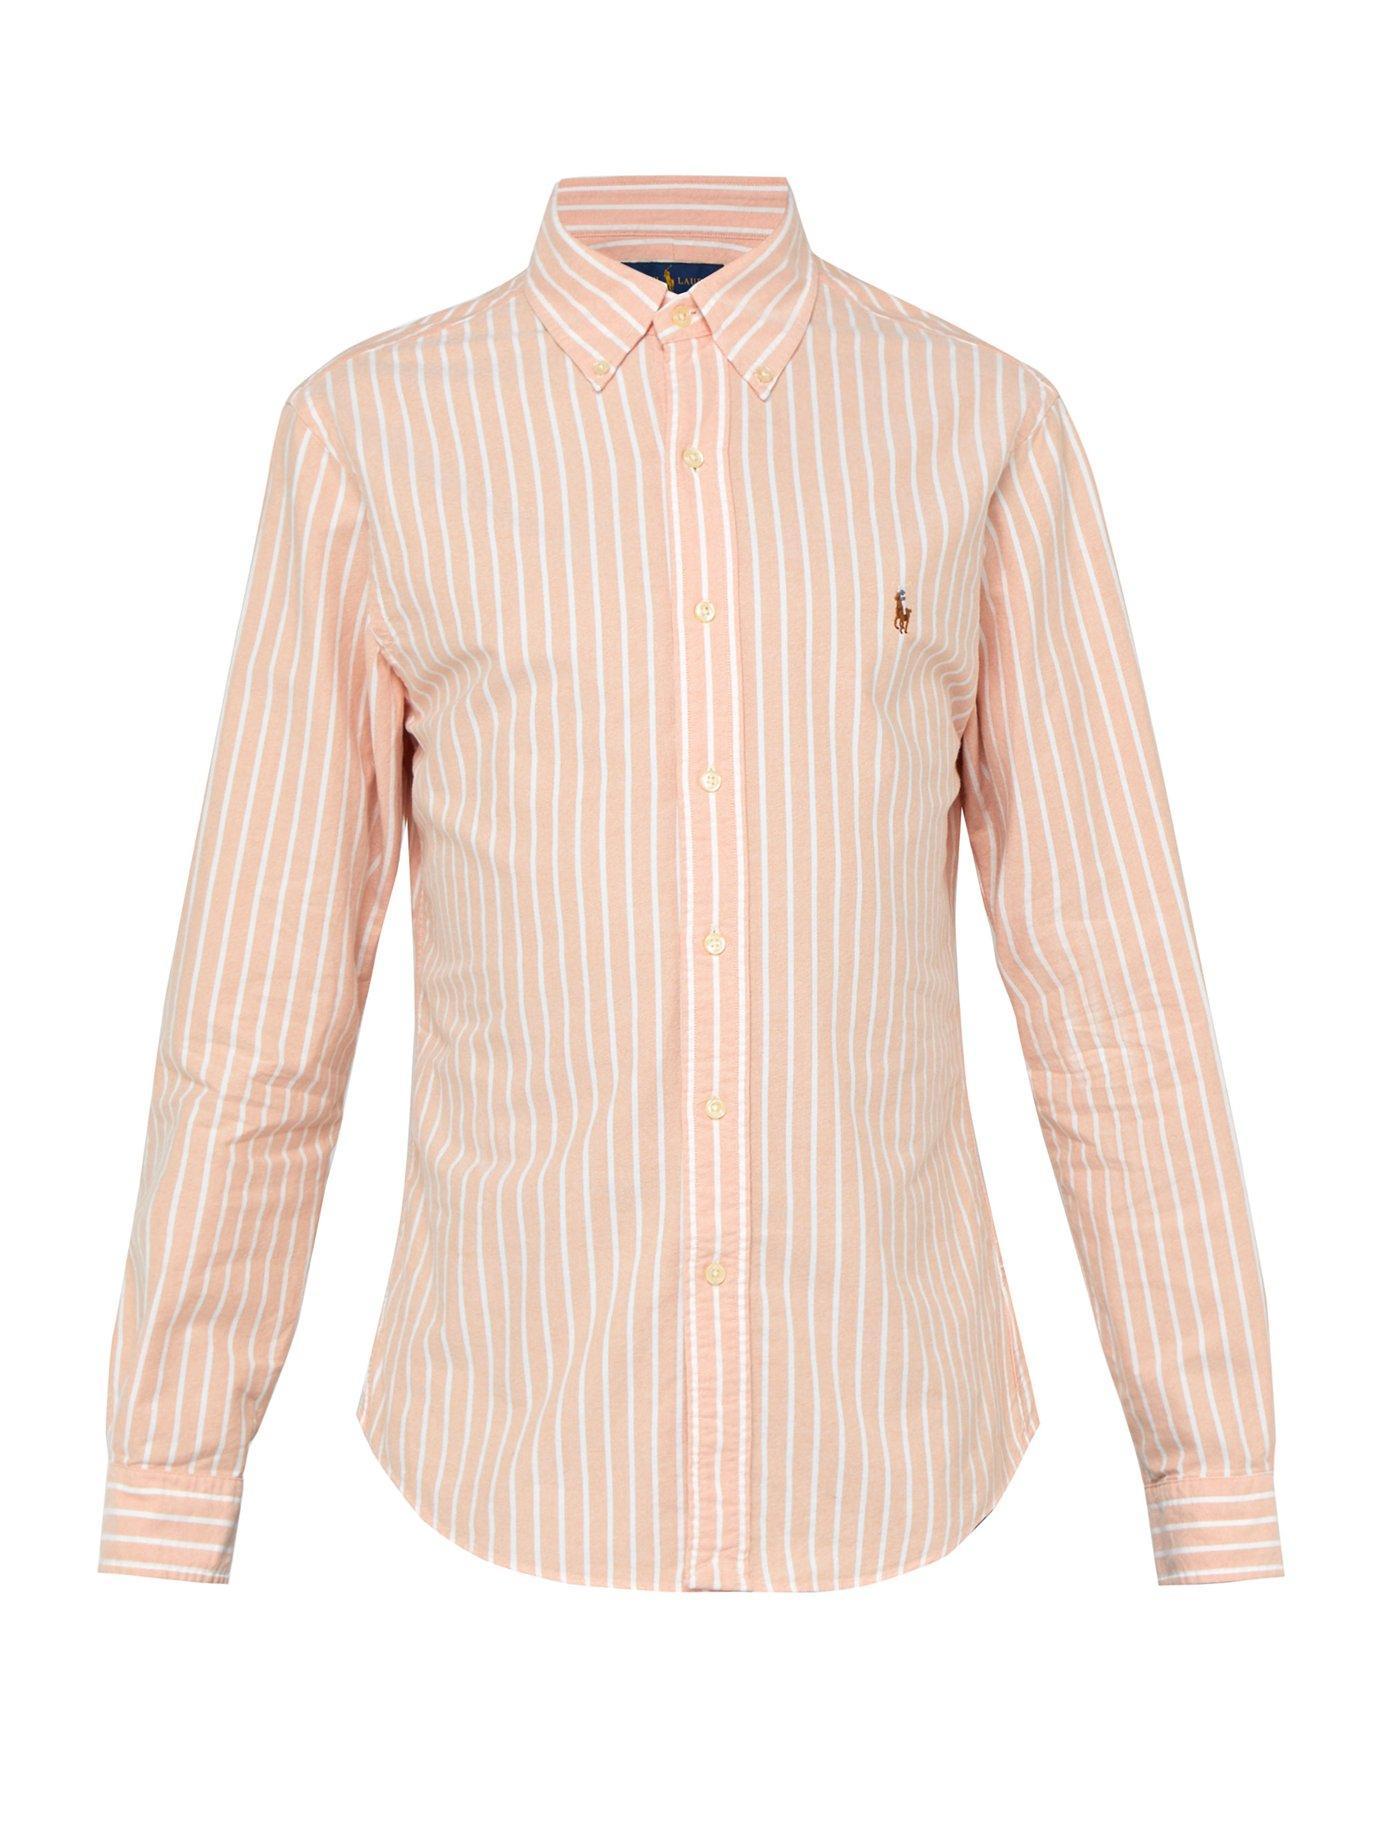 fc5298fc3 Polo Ralph Lauren. Men's Orange Slim Fit Striped Cotton Oxford Shirt